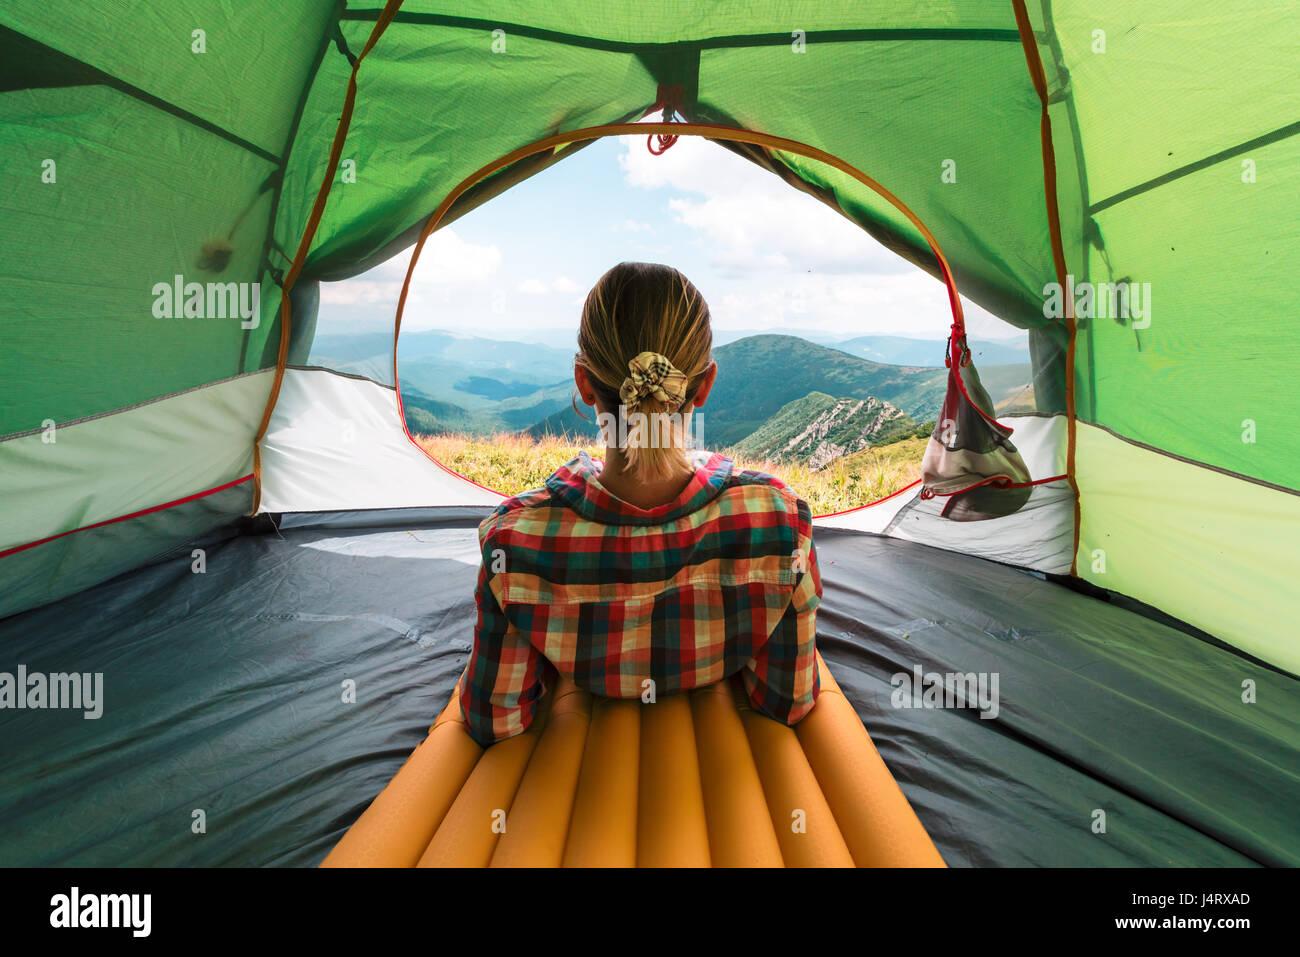 Girl sitting in ils tente dans le contexte d'un incroyable paysage de montagne. Journée ensoleillée Photo Stock